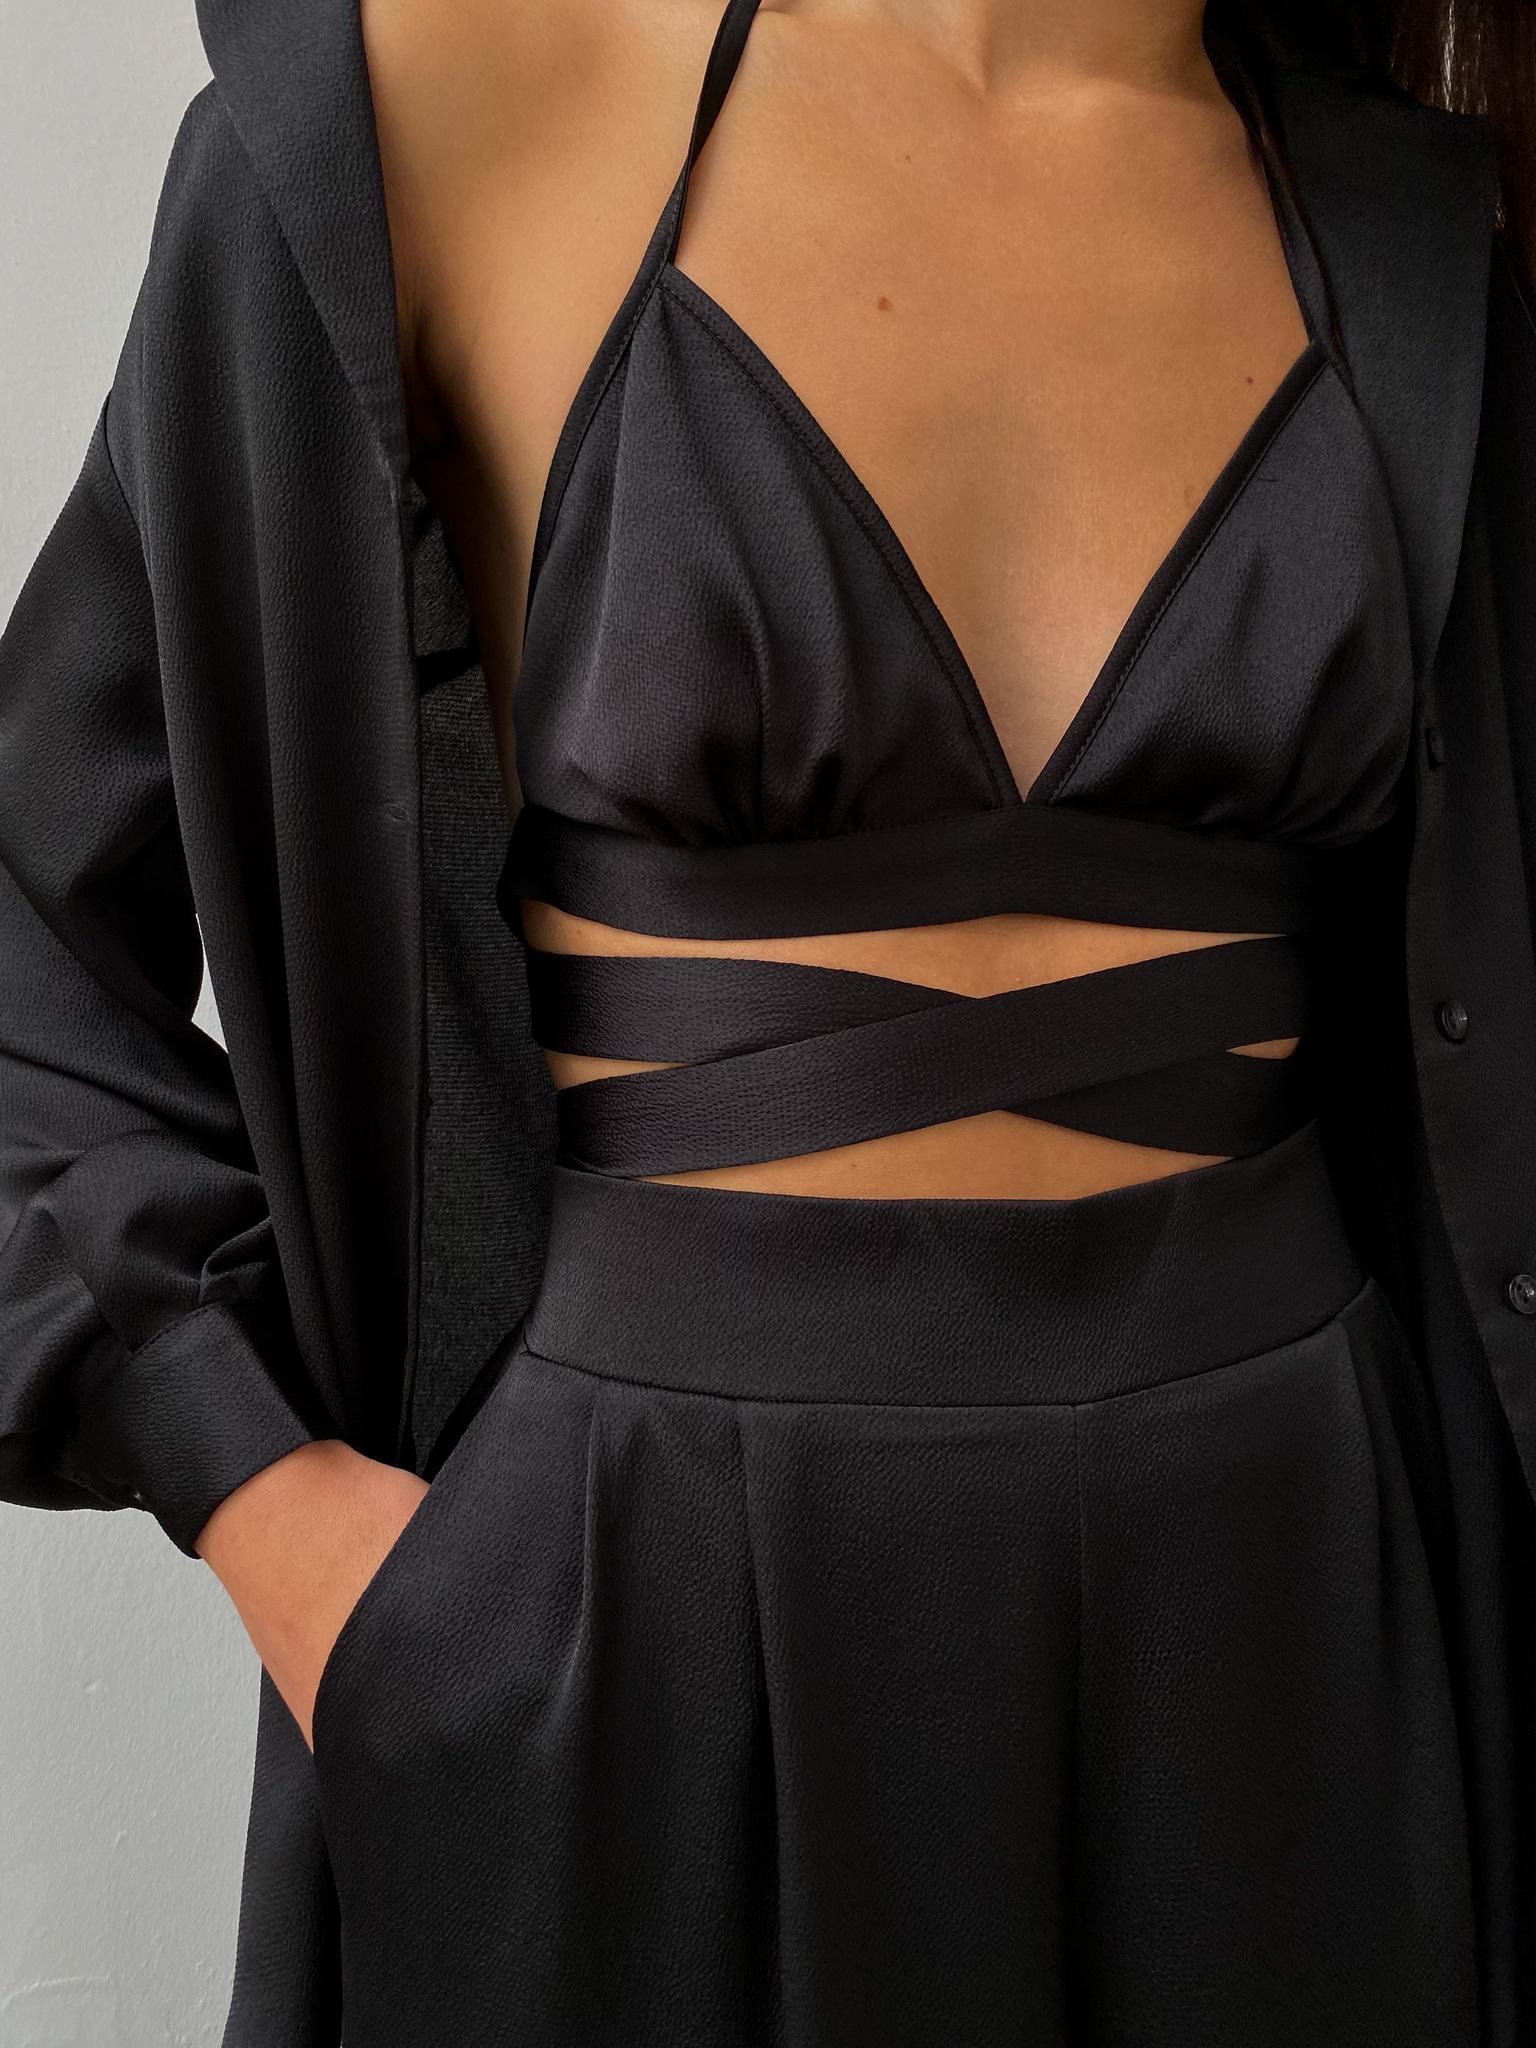 Костюм пижамный тройка  (рубашка, брюки и топ) (черный)